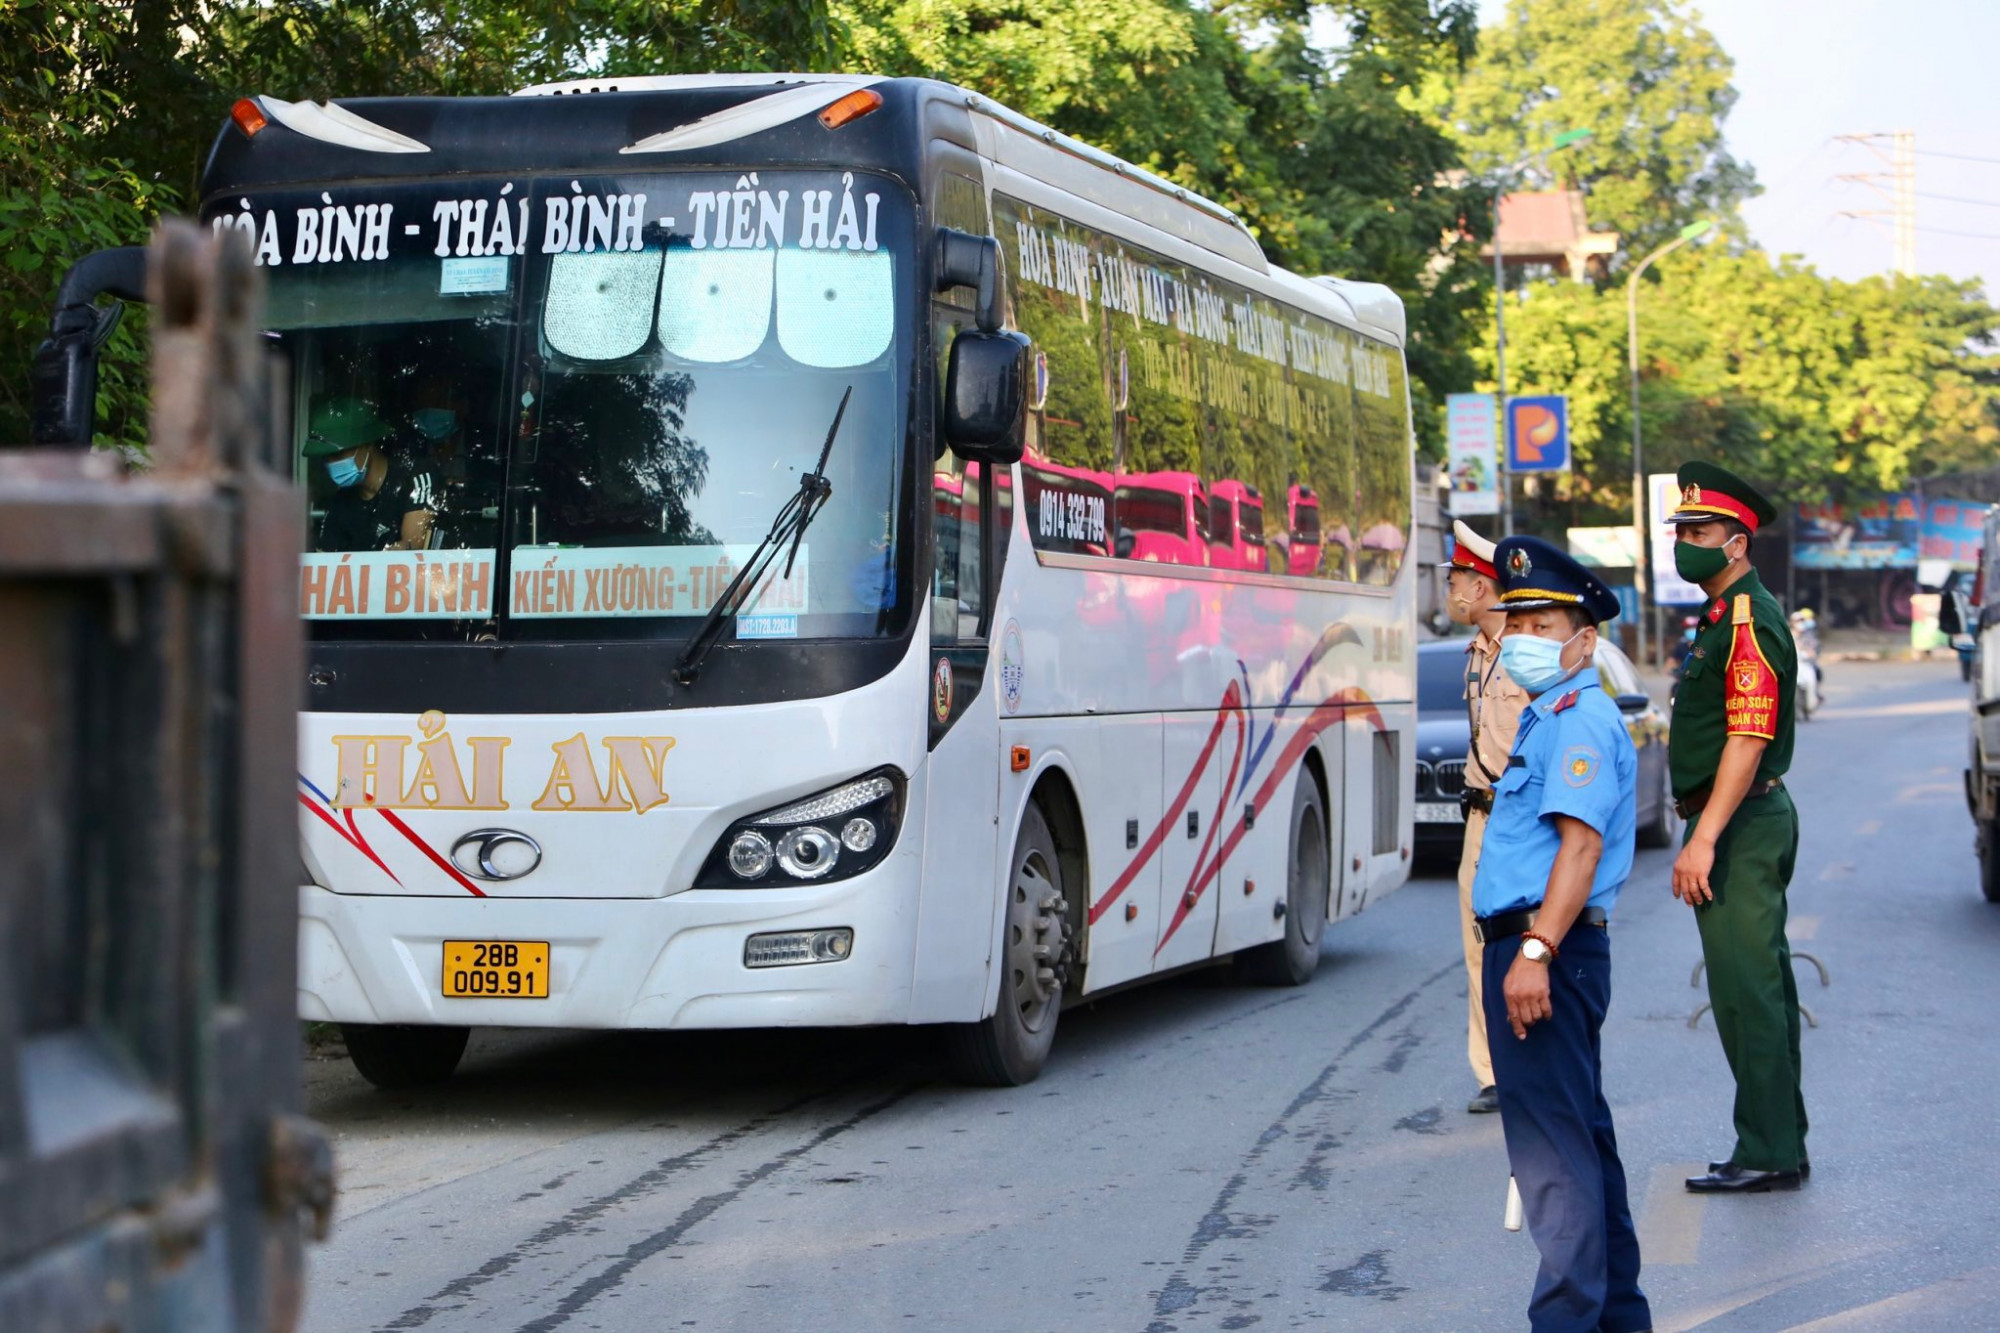 Từ ngày 13/10, xe khách liên tỉnh sẽ được hoạt động trở lại.